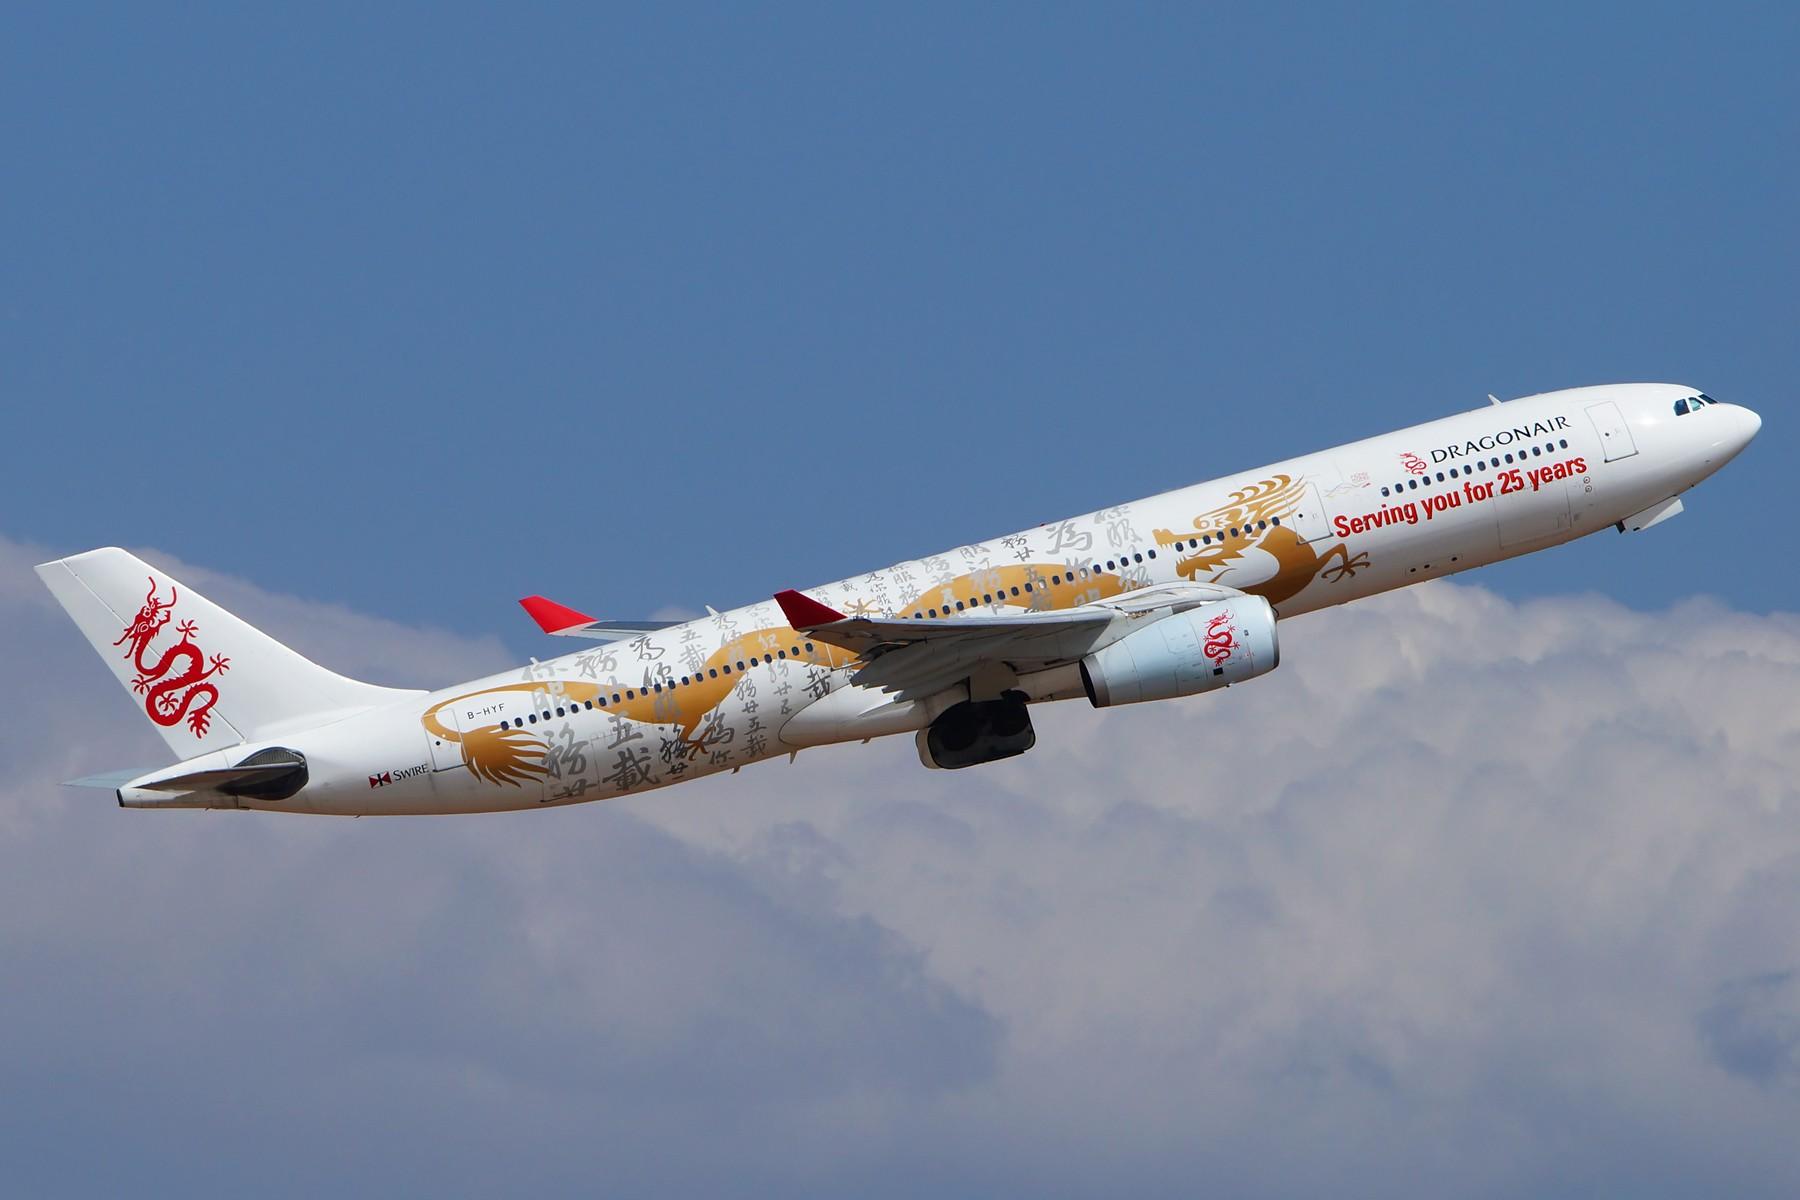 [原创][Andrei] ------- 素颜也美丽,港龙330篇 AIRBUS A330-300 B-HYF 中国昆明长水机场